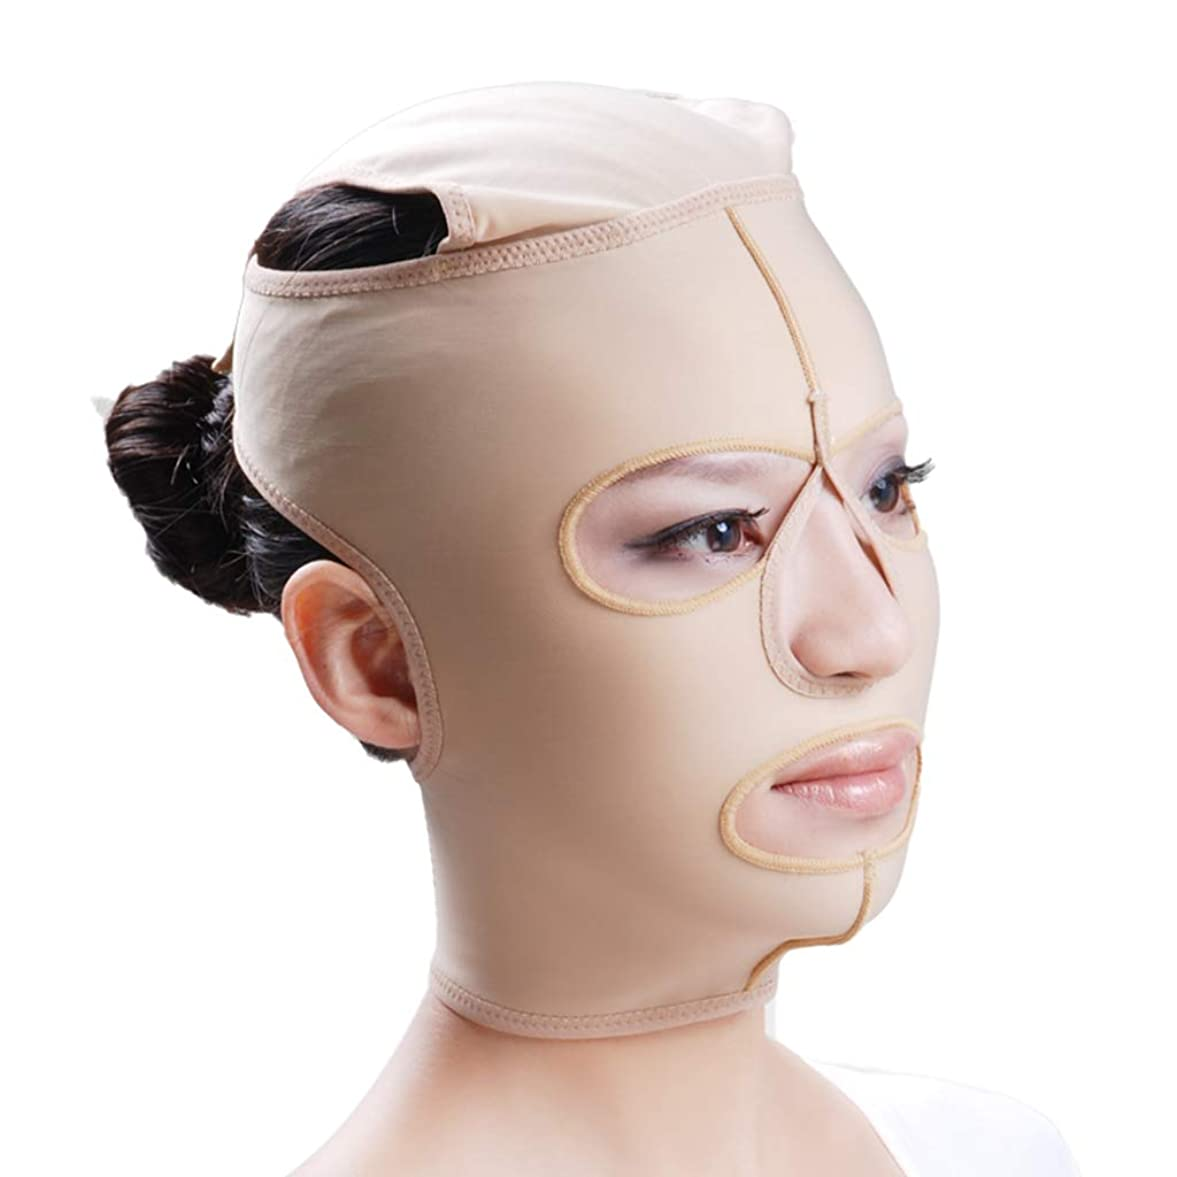 望むメドレー忍耐LJK フェイスリフトマスク、フルフェイスマスク医療グレード圧力フェイスダブルチンプラスチック脂肪吸引術弾性包帯ヘッドギア後の顔の脂肪吸引術 (Size : M)